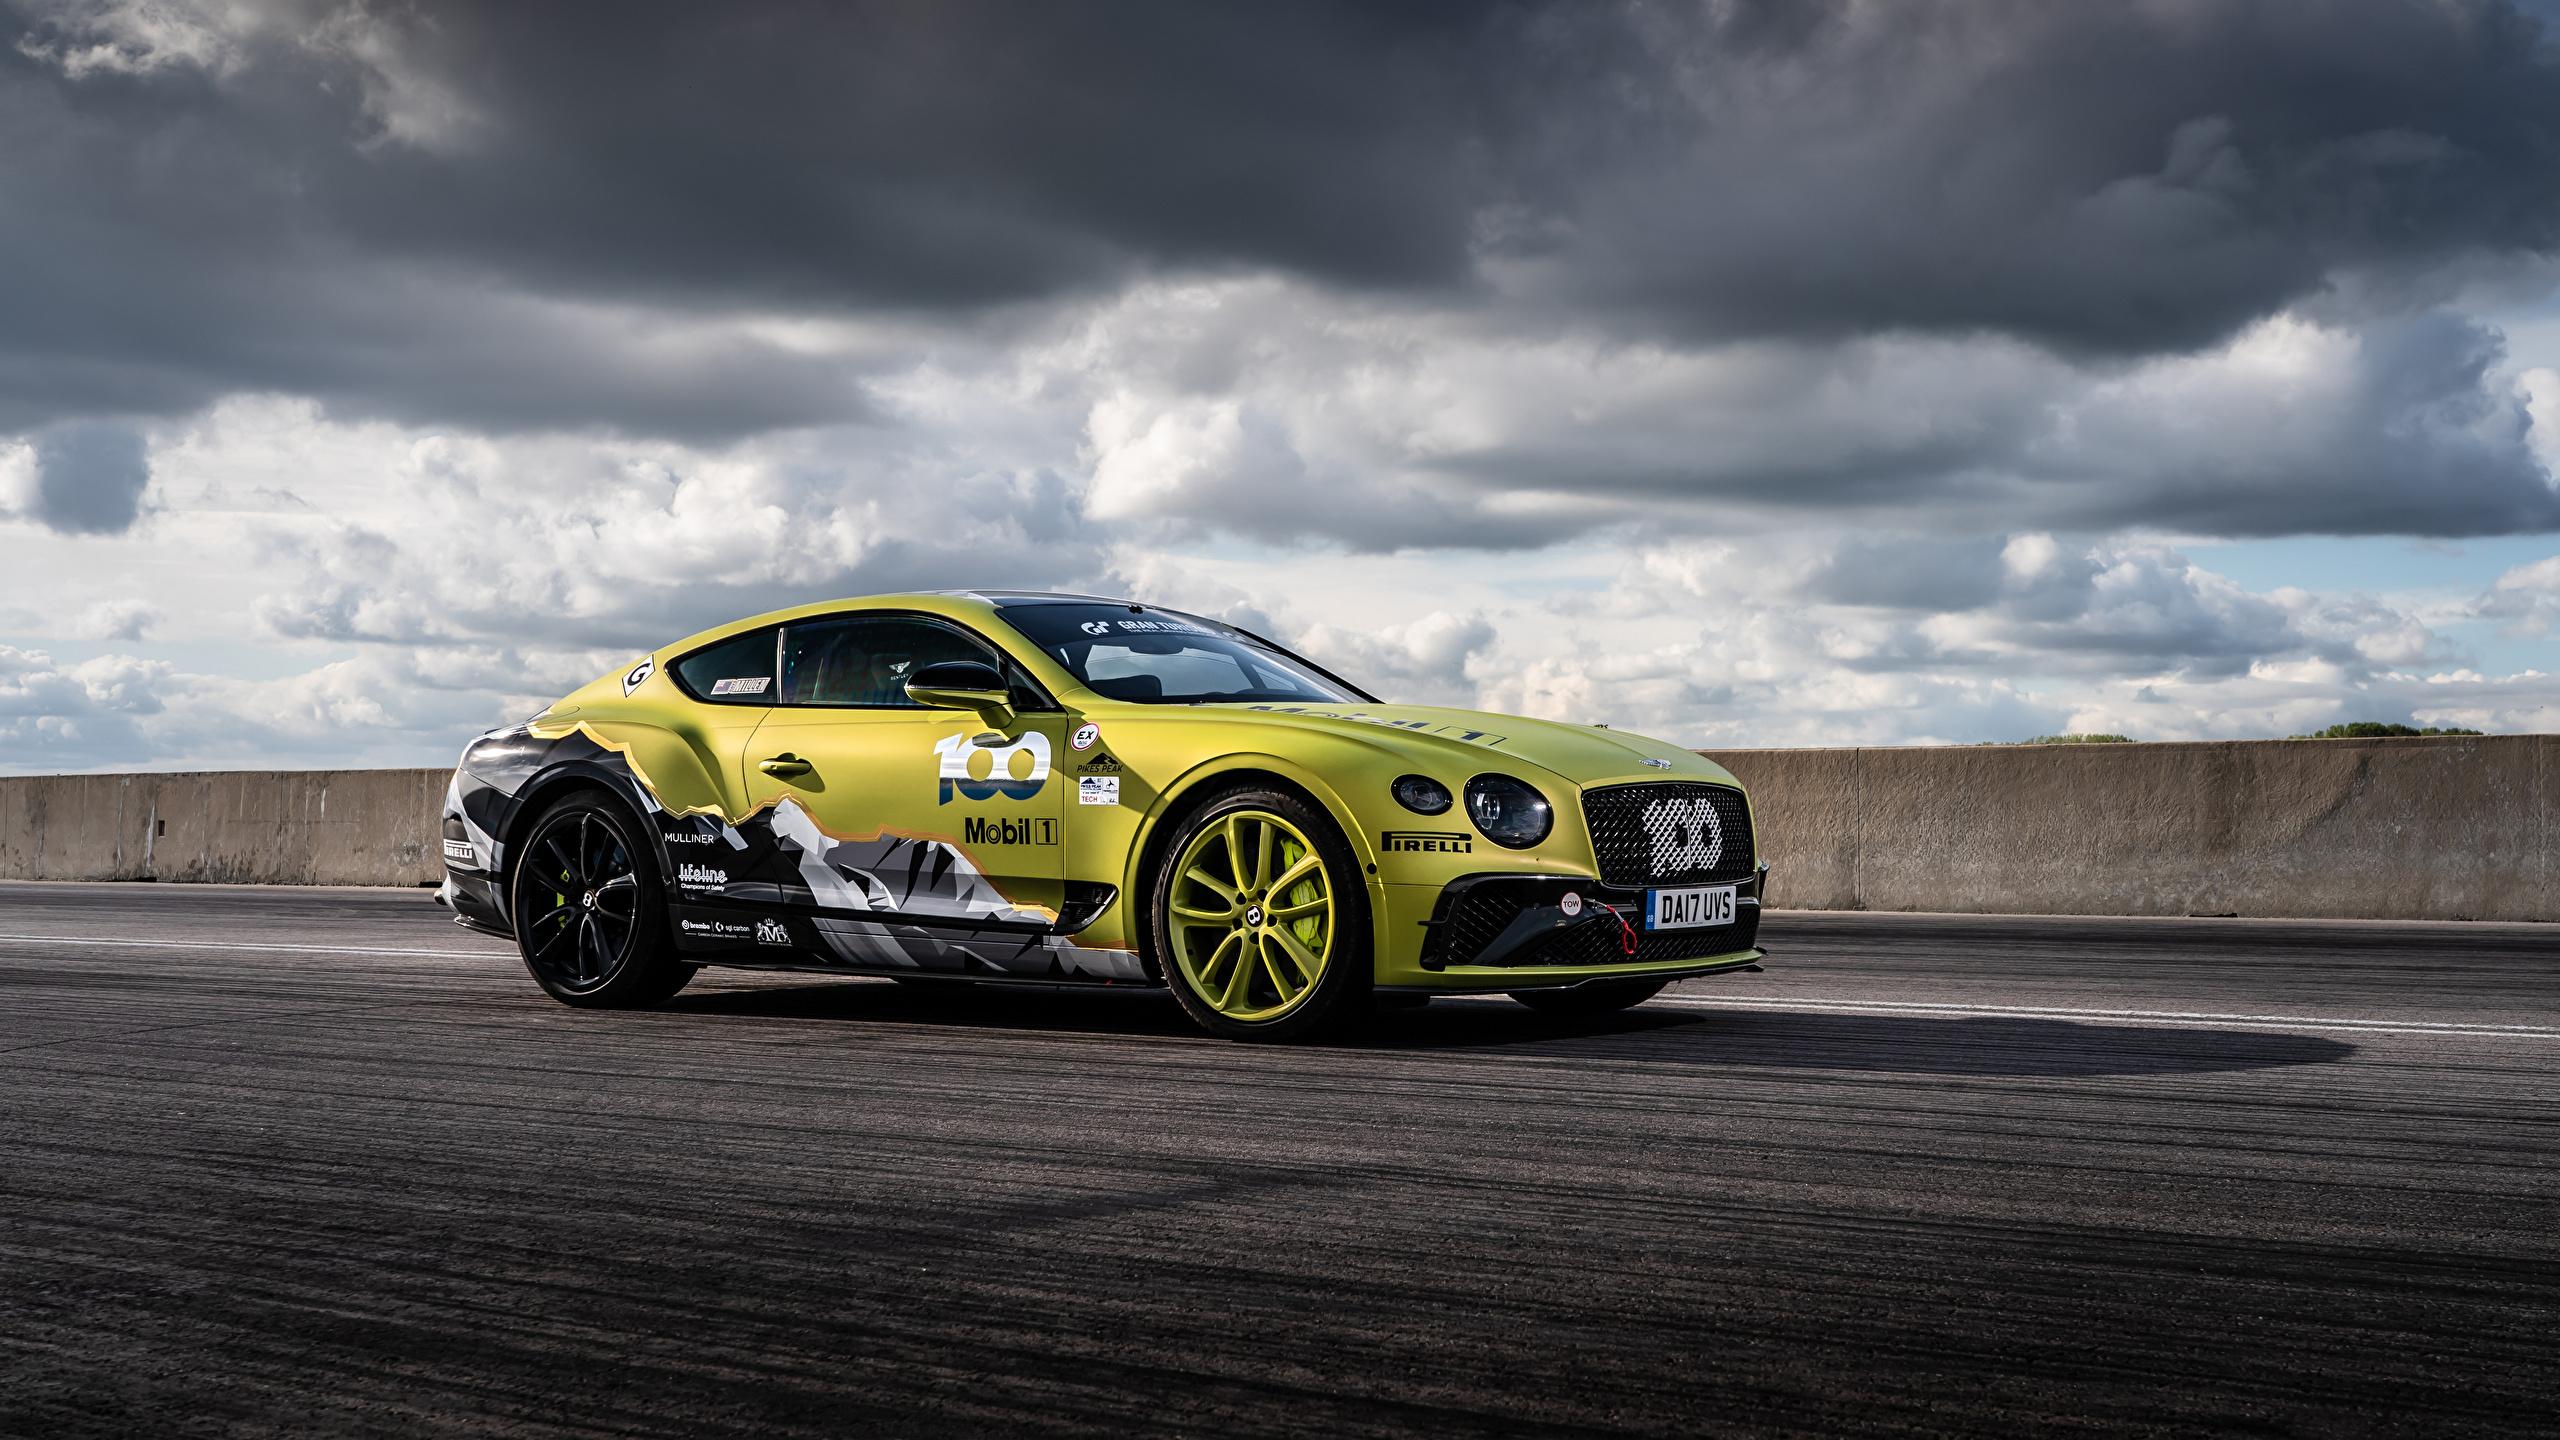 Обои для рабочего стола Бентли Continental GT Pikes Peak, 2019 Сбоку машины Облака 2560x1440 Bentley авто машина Автомобили автомобиль облако облачно